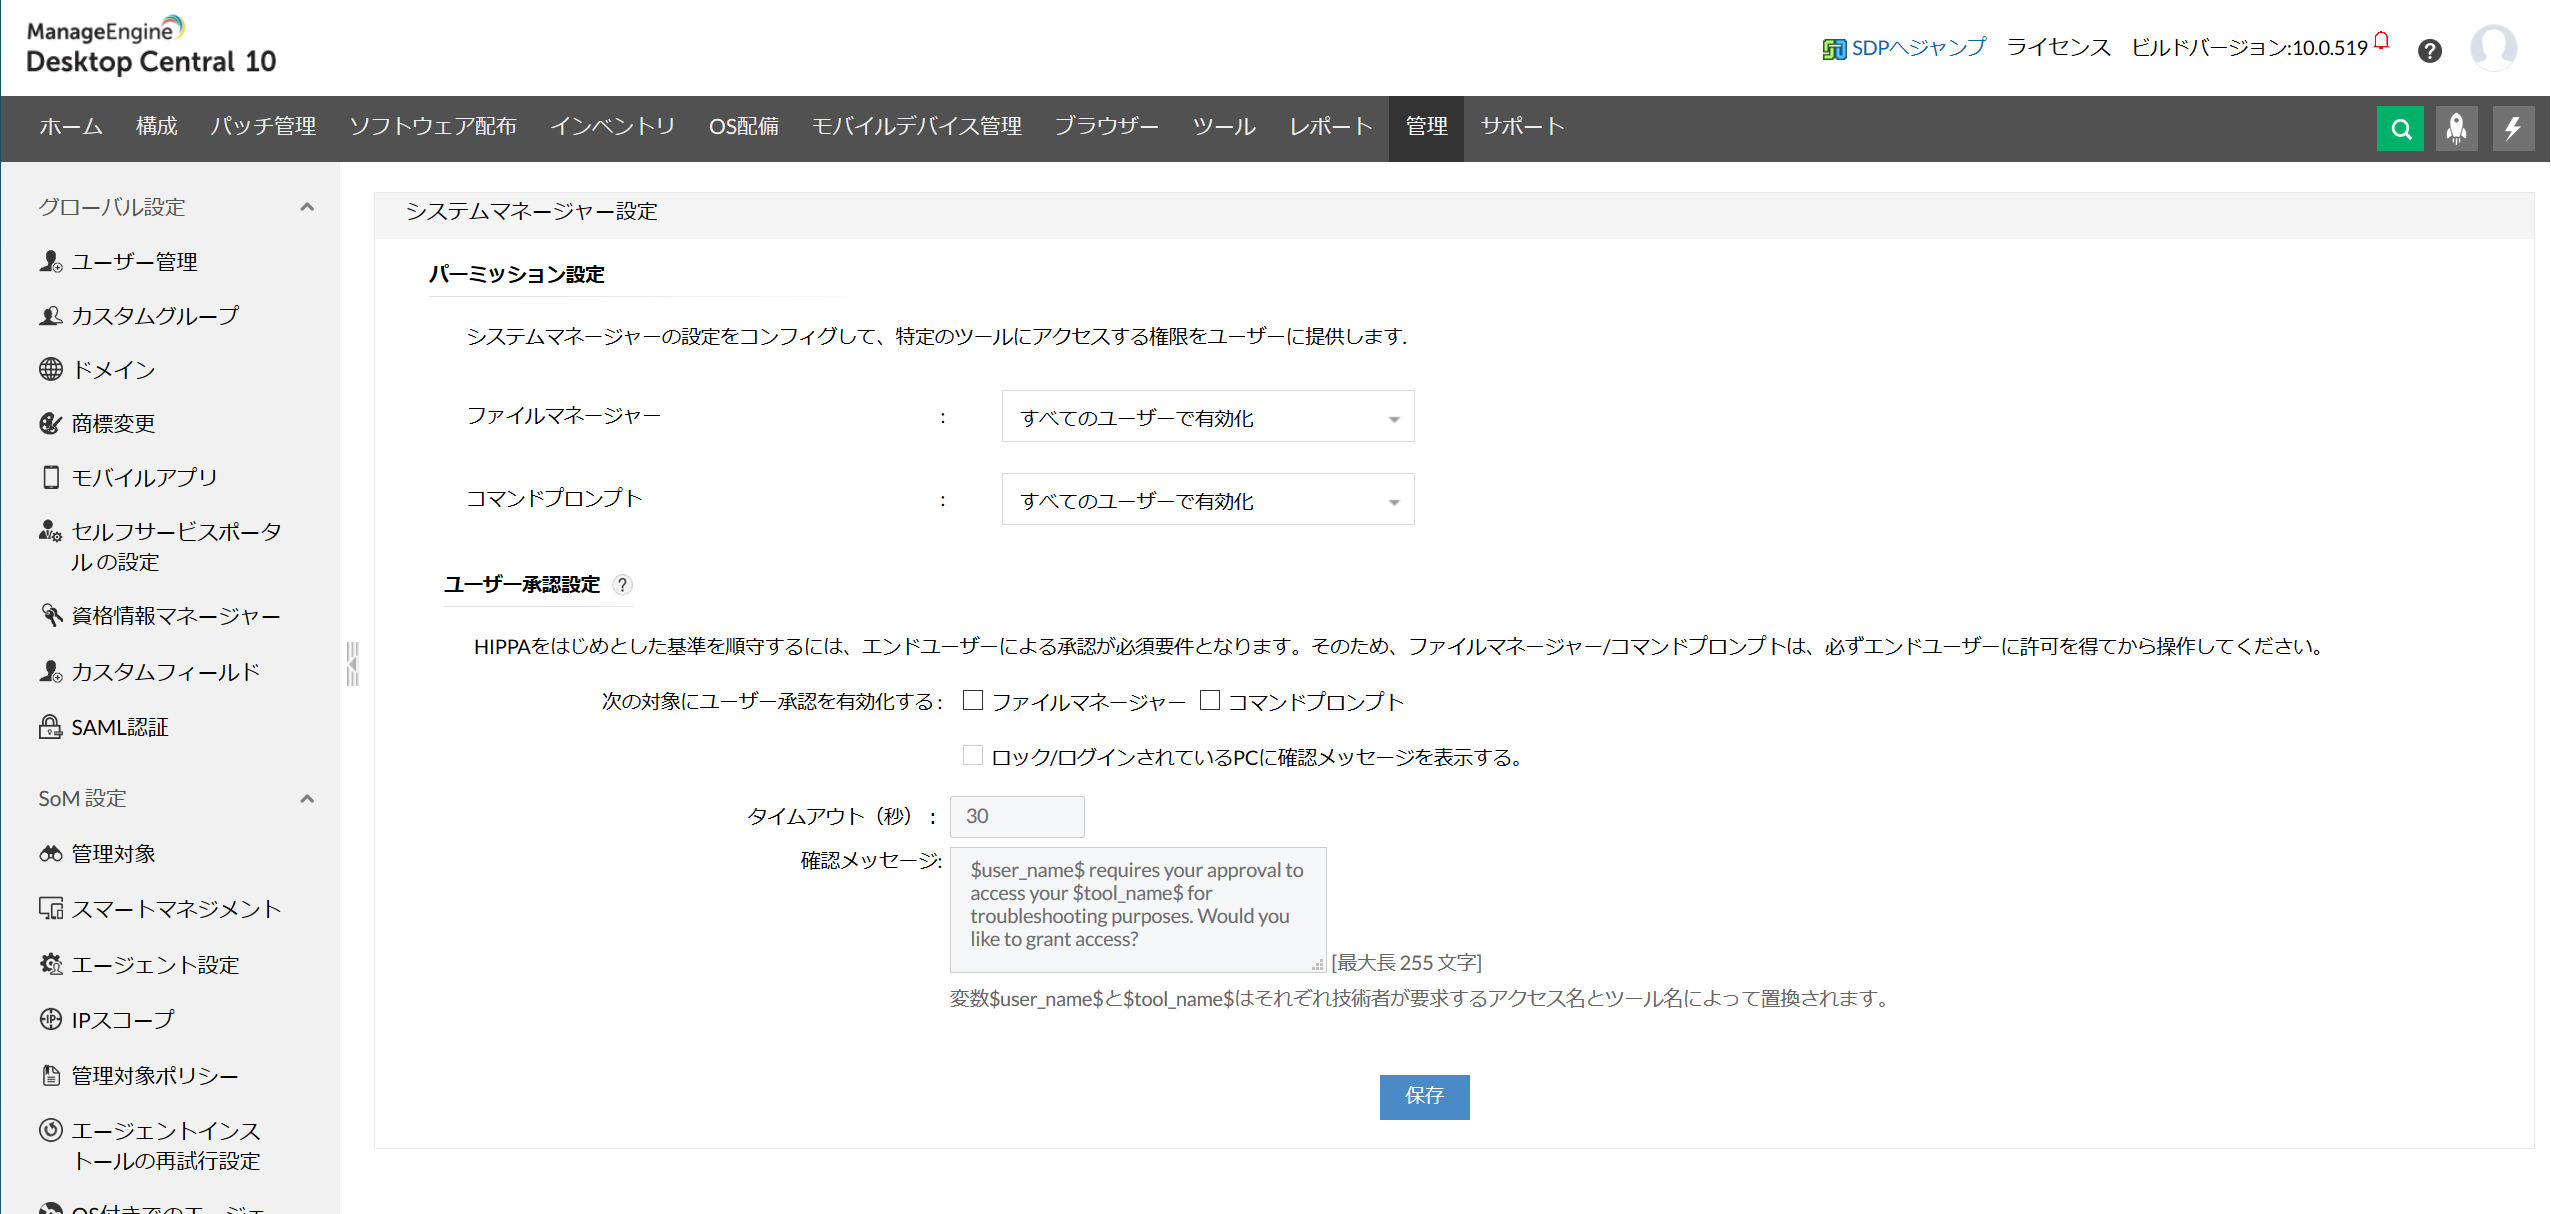 ユーザーの承認設定